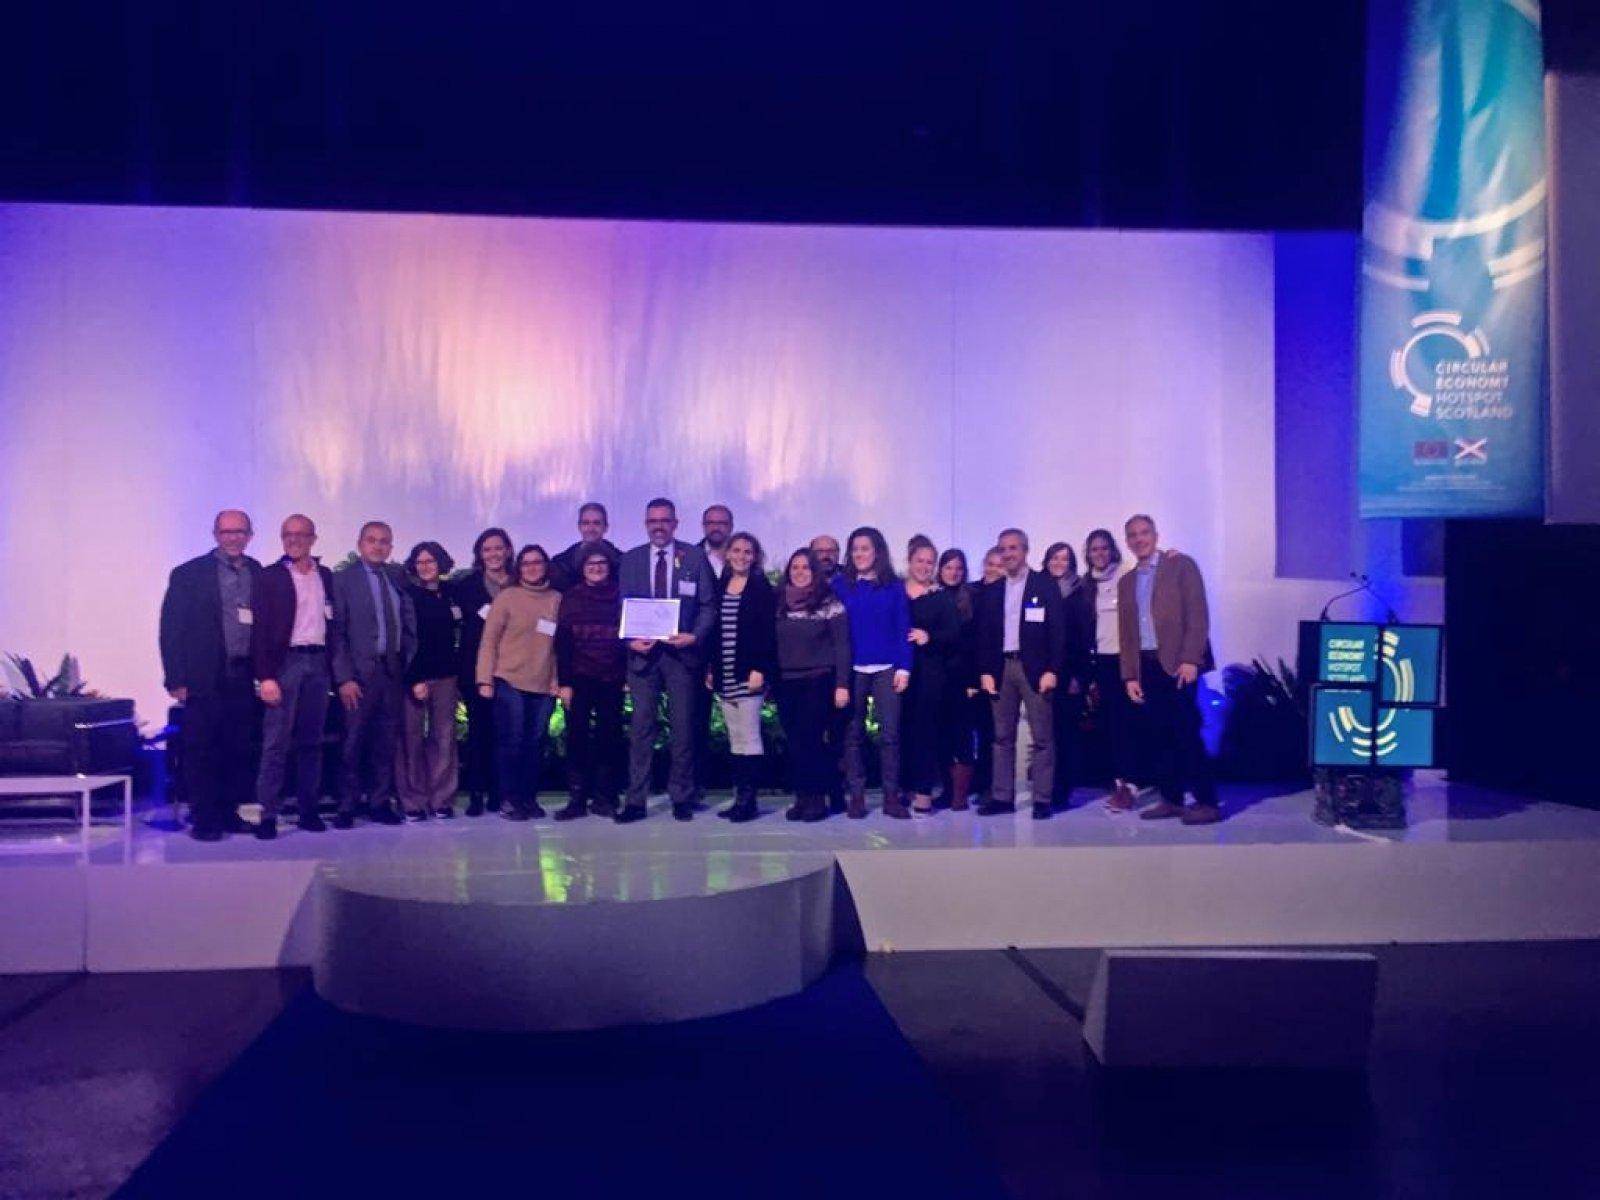 La delegació catalana al Circular Economy Hotspot 2018 (Glasgow, Escòcia)